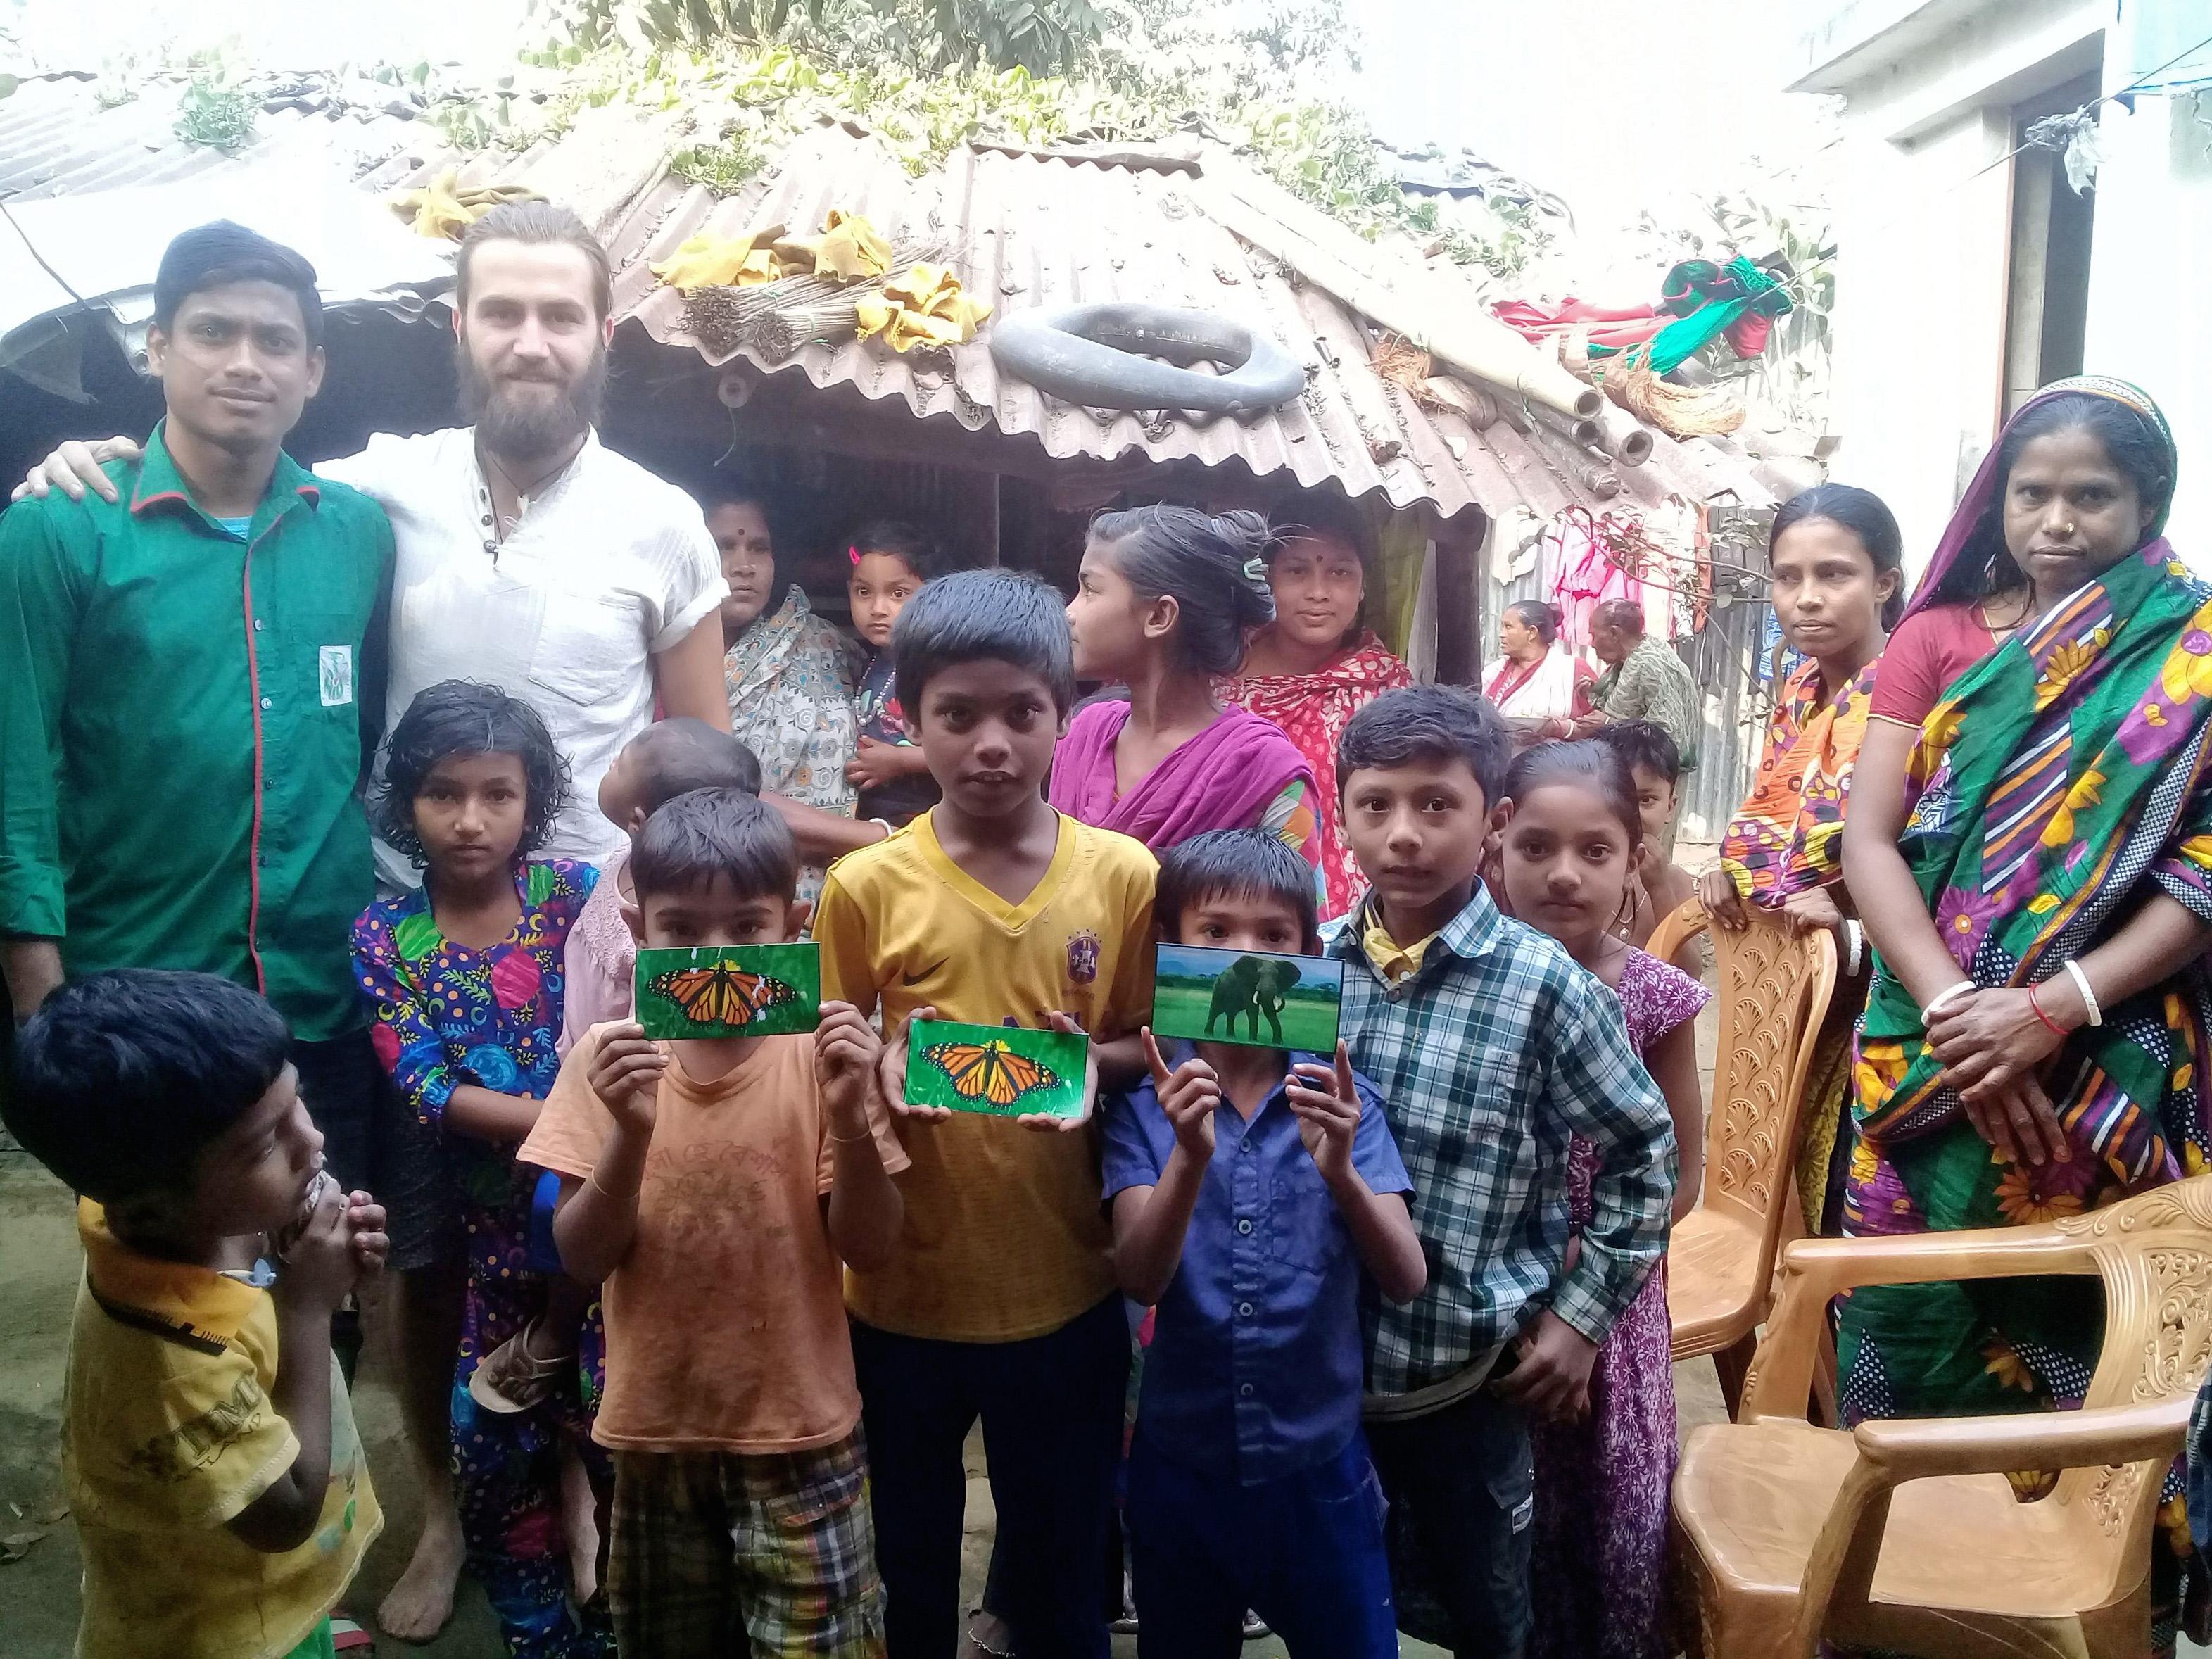 Seriál dobrovolnictví v zahraničí: Pomoc napříč Asií